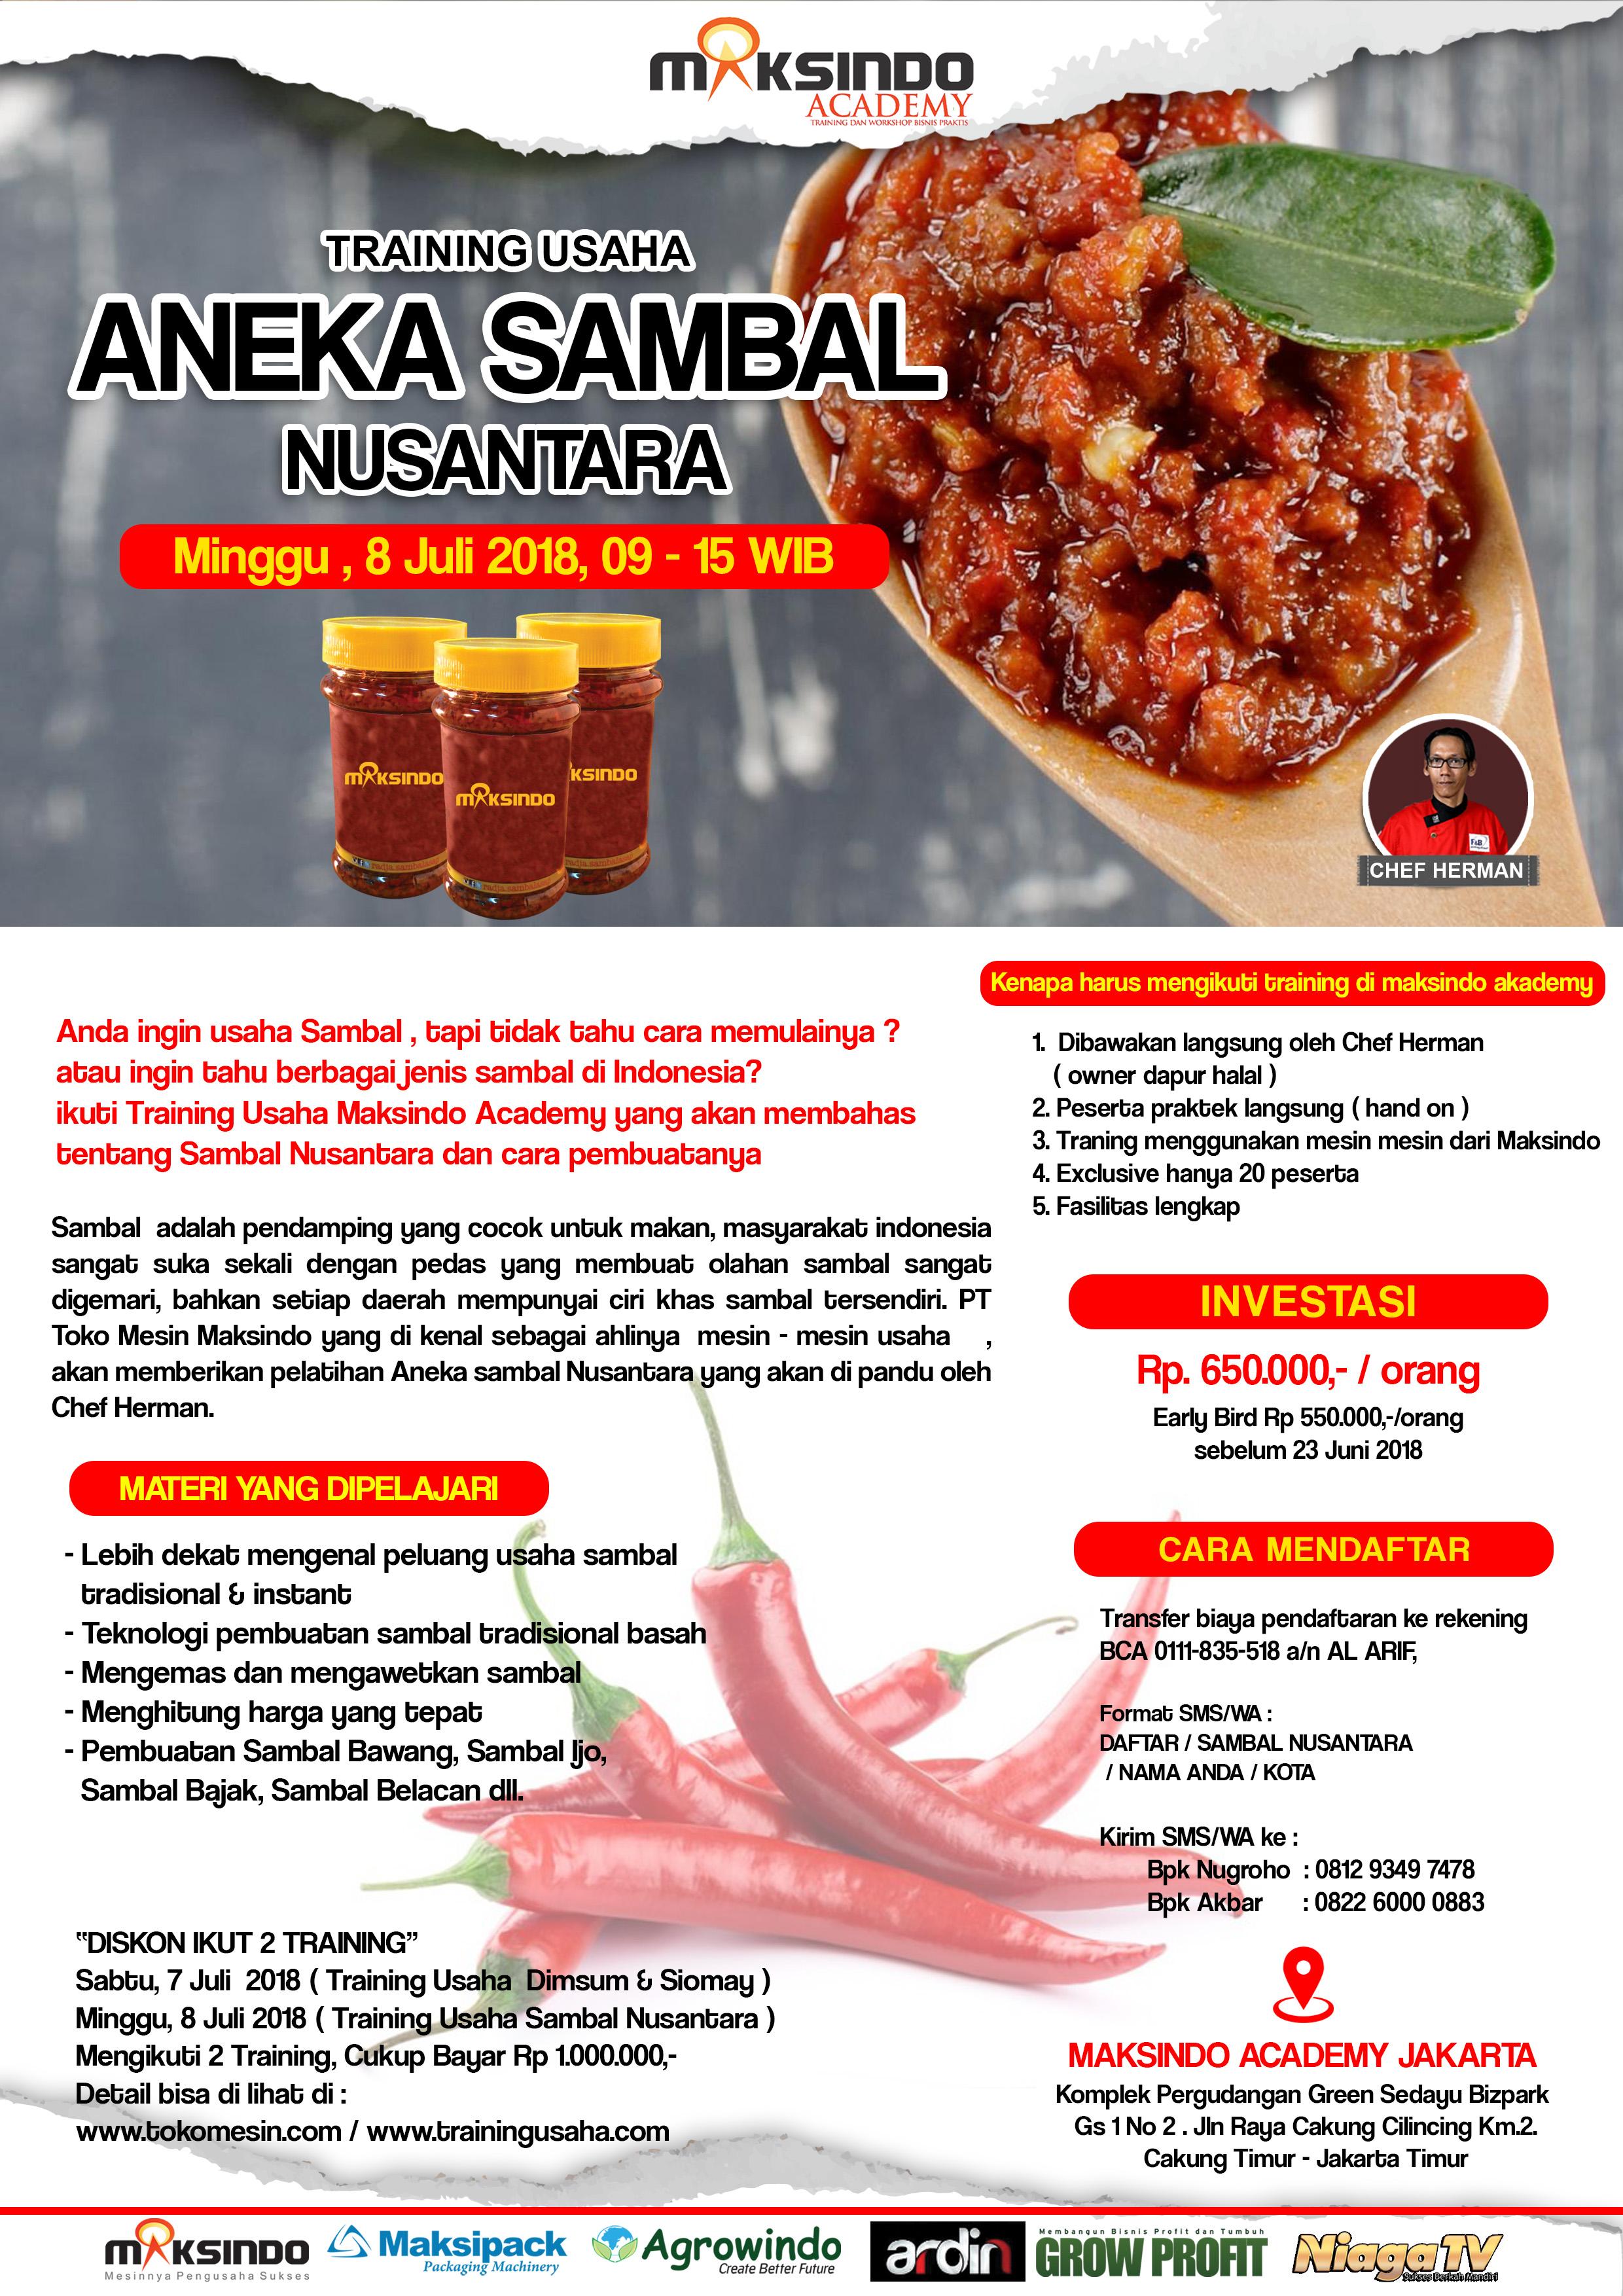 Training Usaha Aneka Sambal Nusantara, 8 Juli 2018